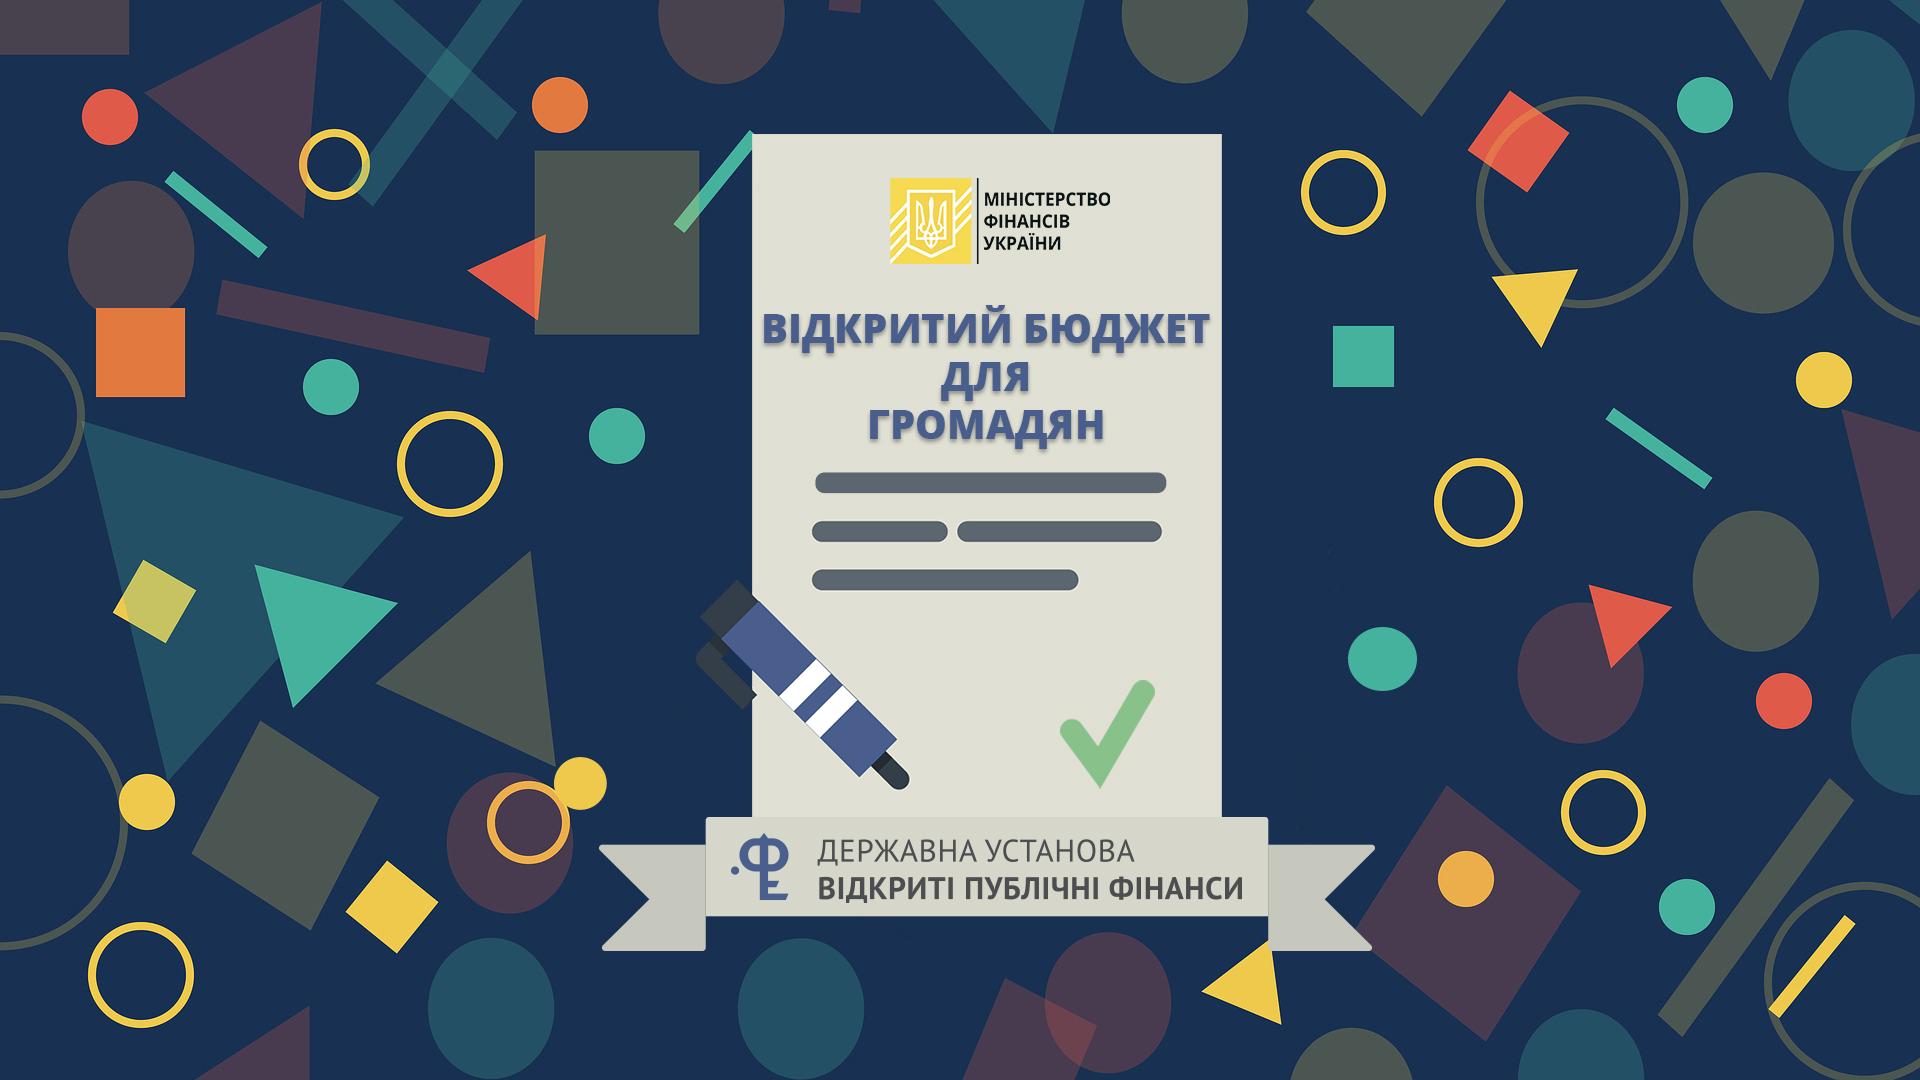 Міністерство фінансів України опублікувало на державному порталі openbudget.gov.ua місцеві бюджети Закарпатської області